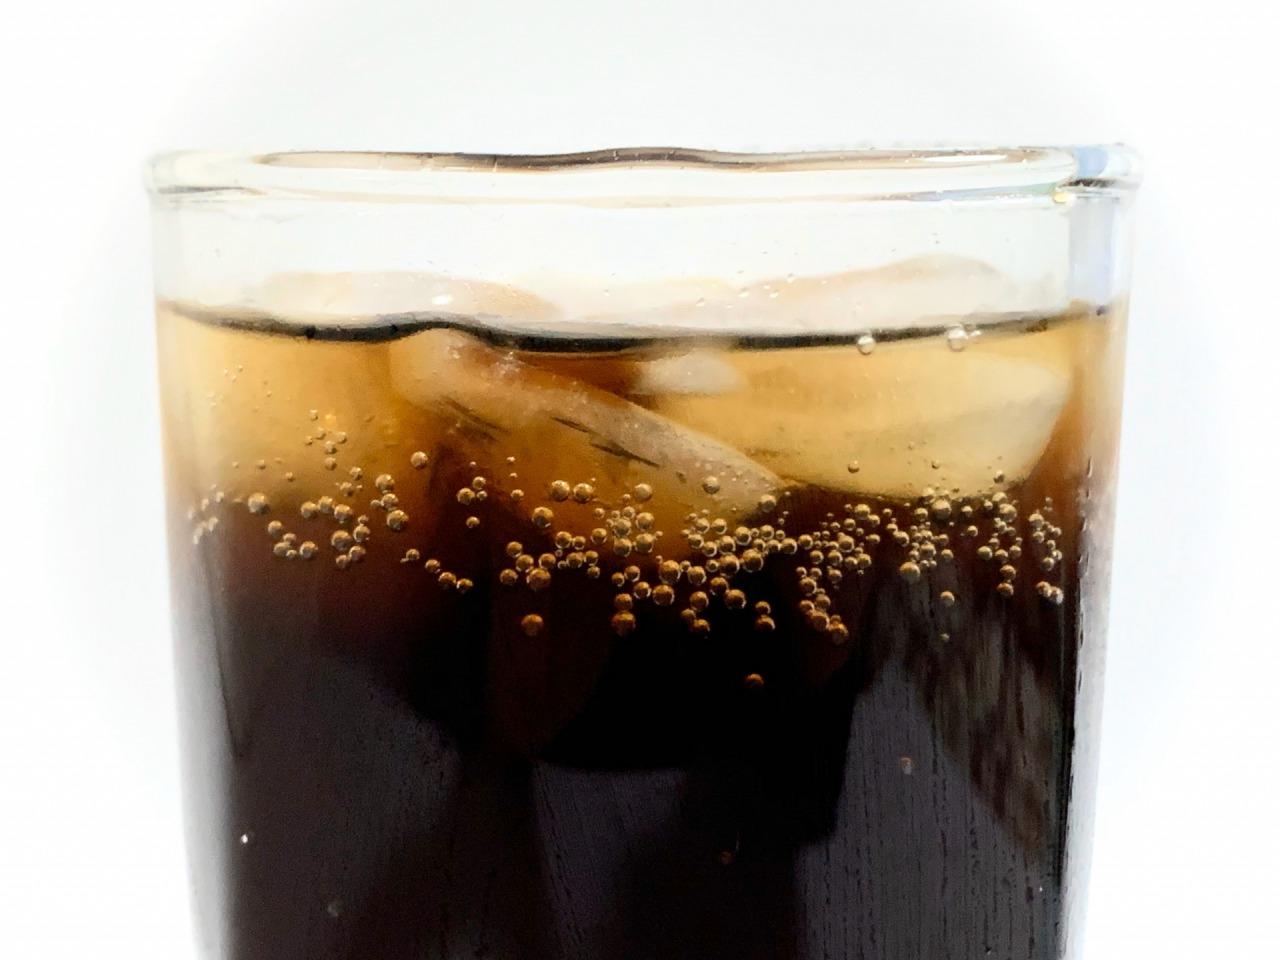 熱い日にゴクッと飲みたい究極のコーラはどれだ! あなたの好きなコーラは? 【アンケート】 | ねとらぼ調査隊